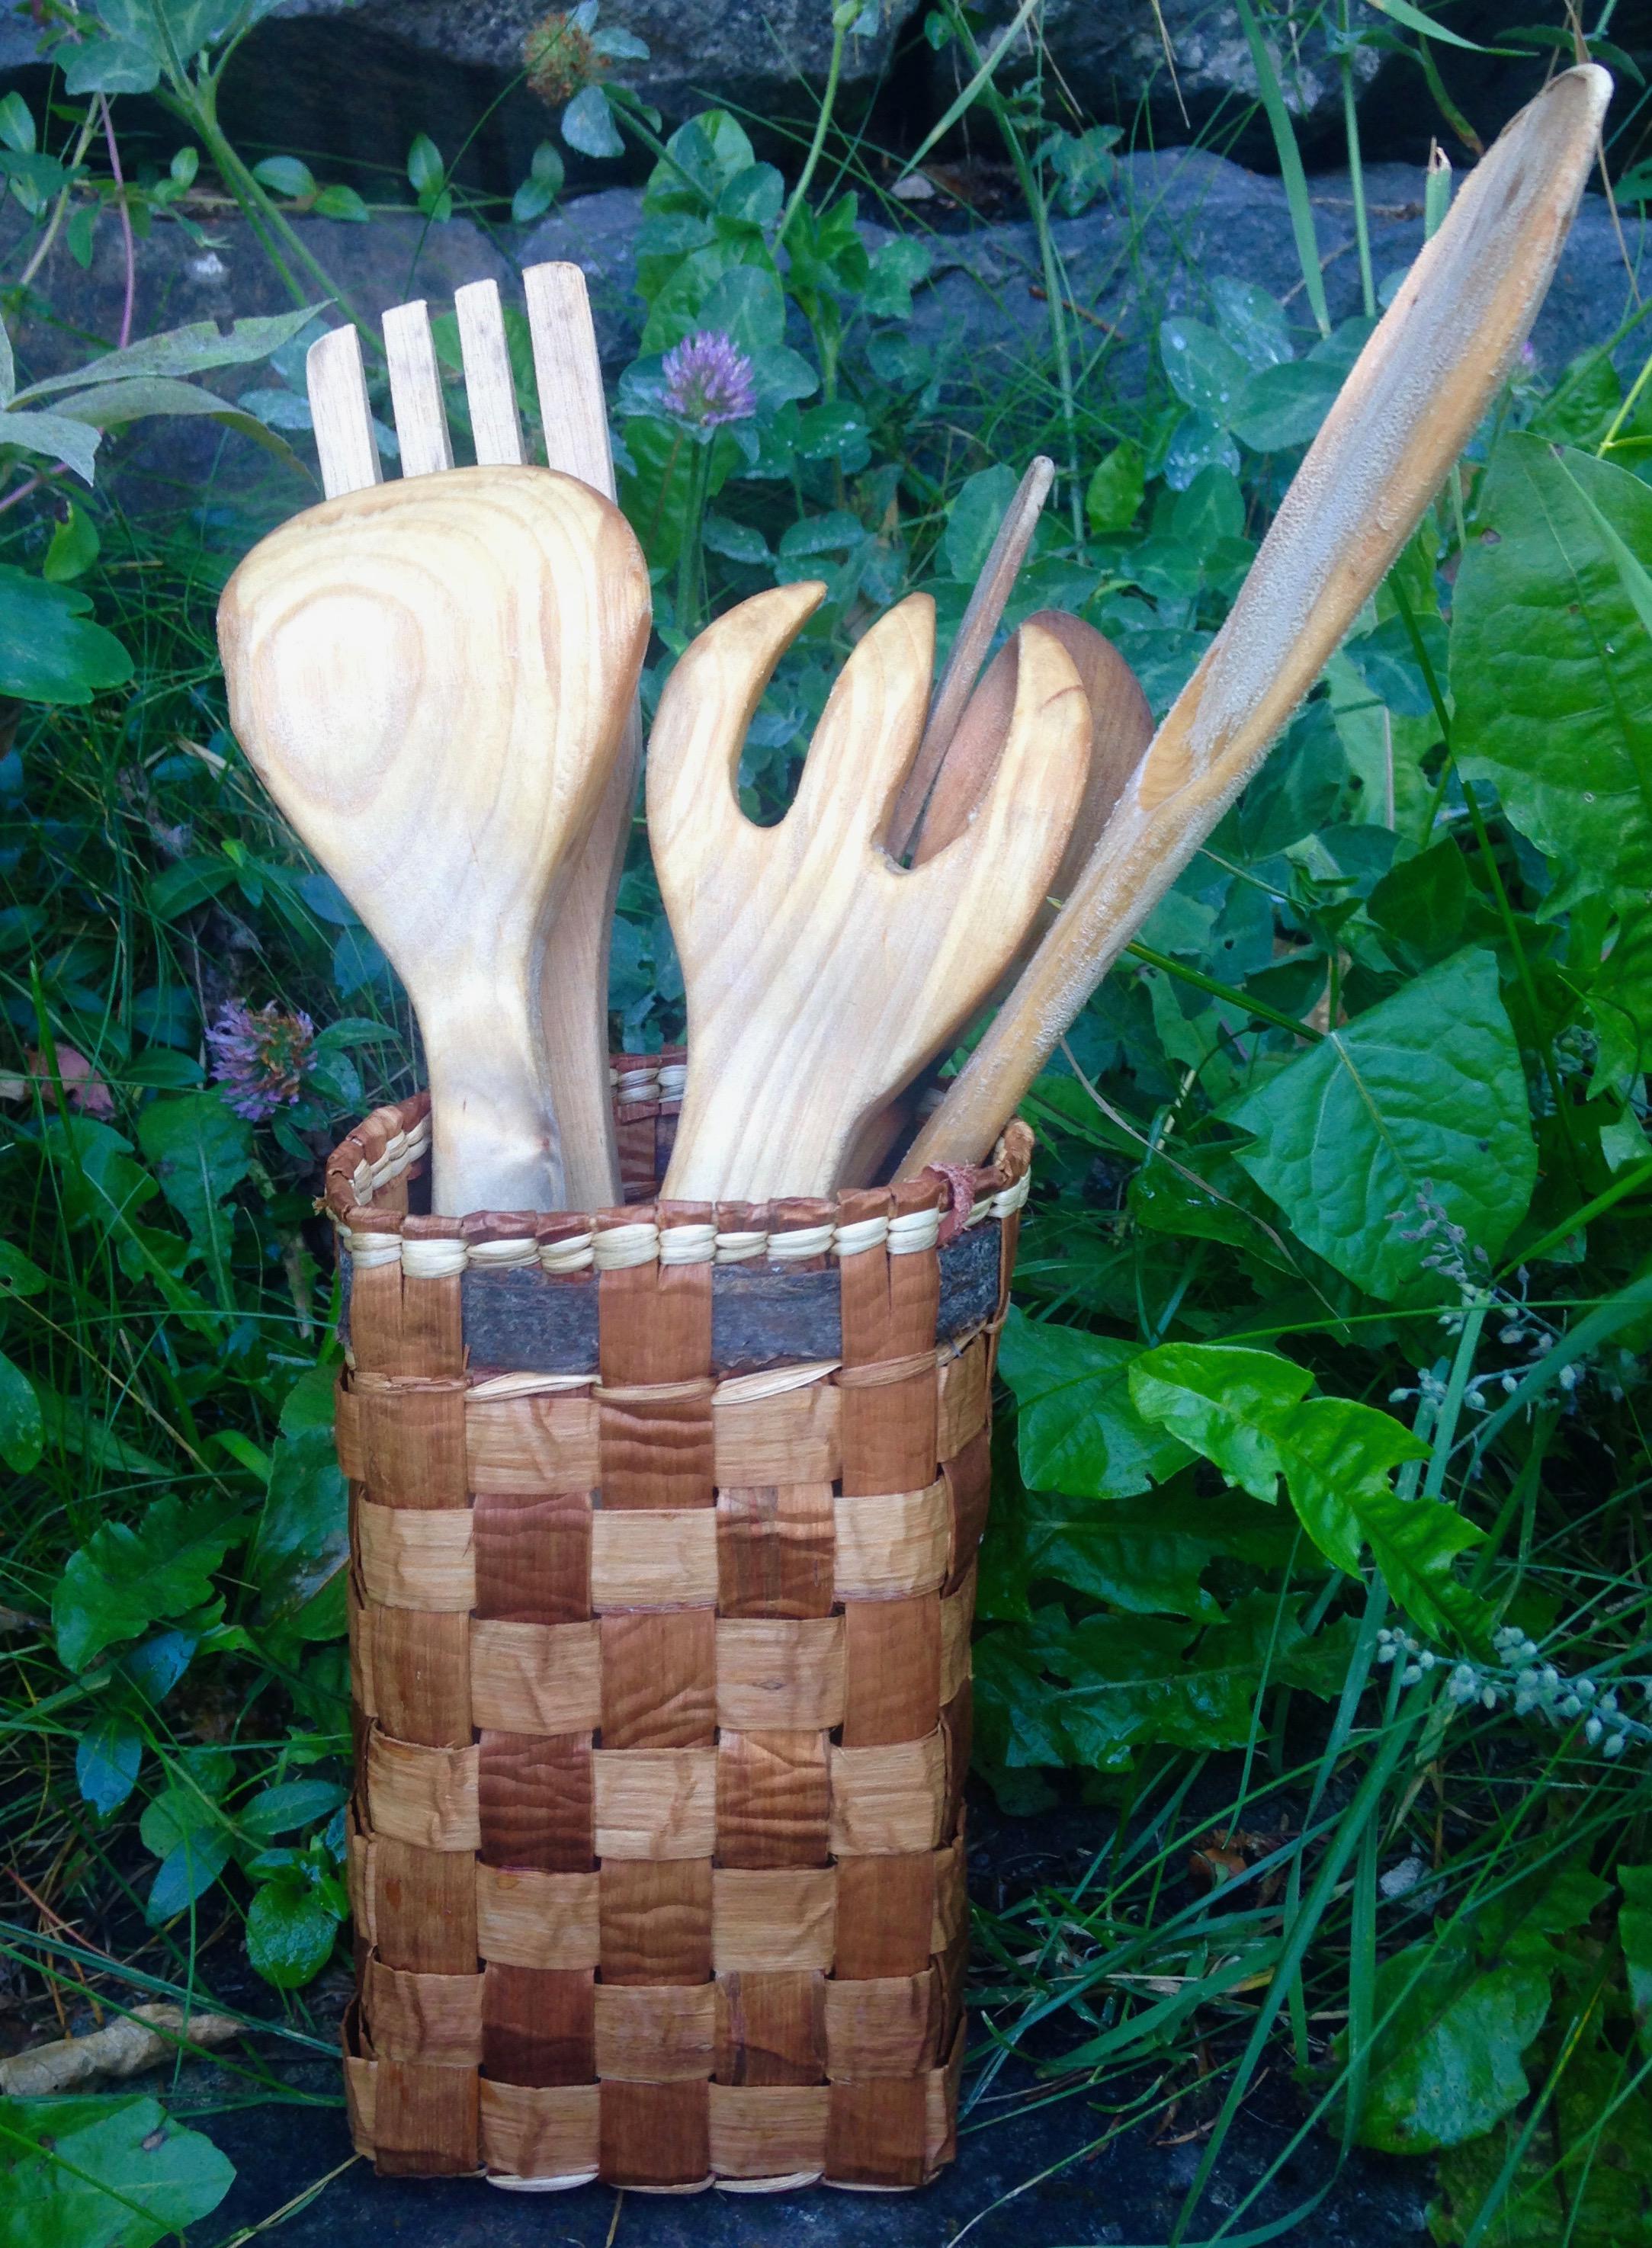 Cedar Wooden Spoon Basket.jpeg